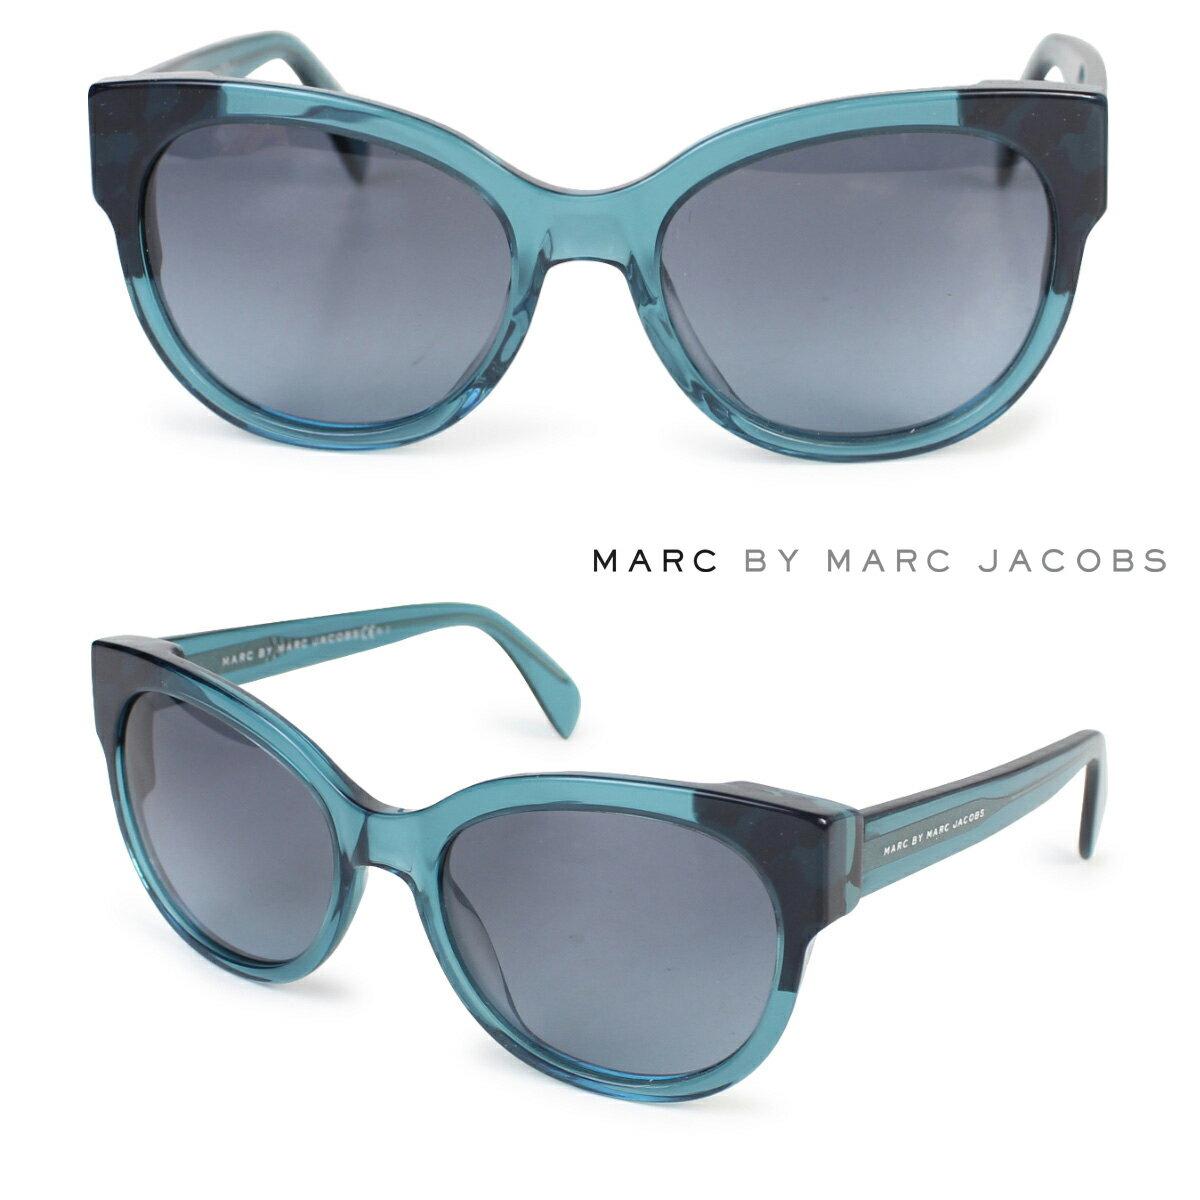 MARC BY MARC JACOBS マークバイマークジェイコブス サングラス レディース UVカット MMJ486/S ブルー